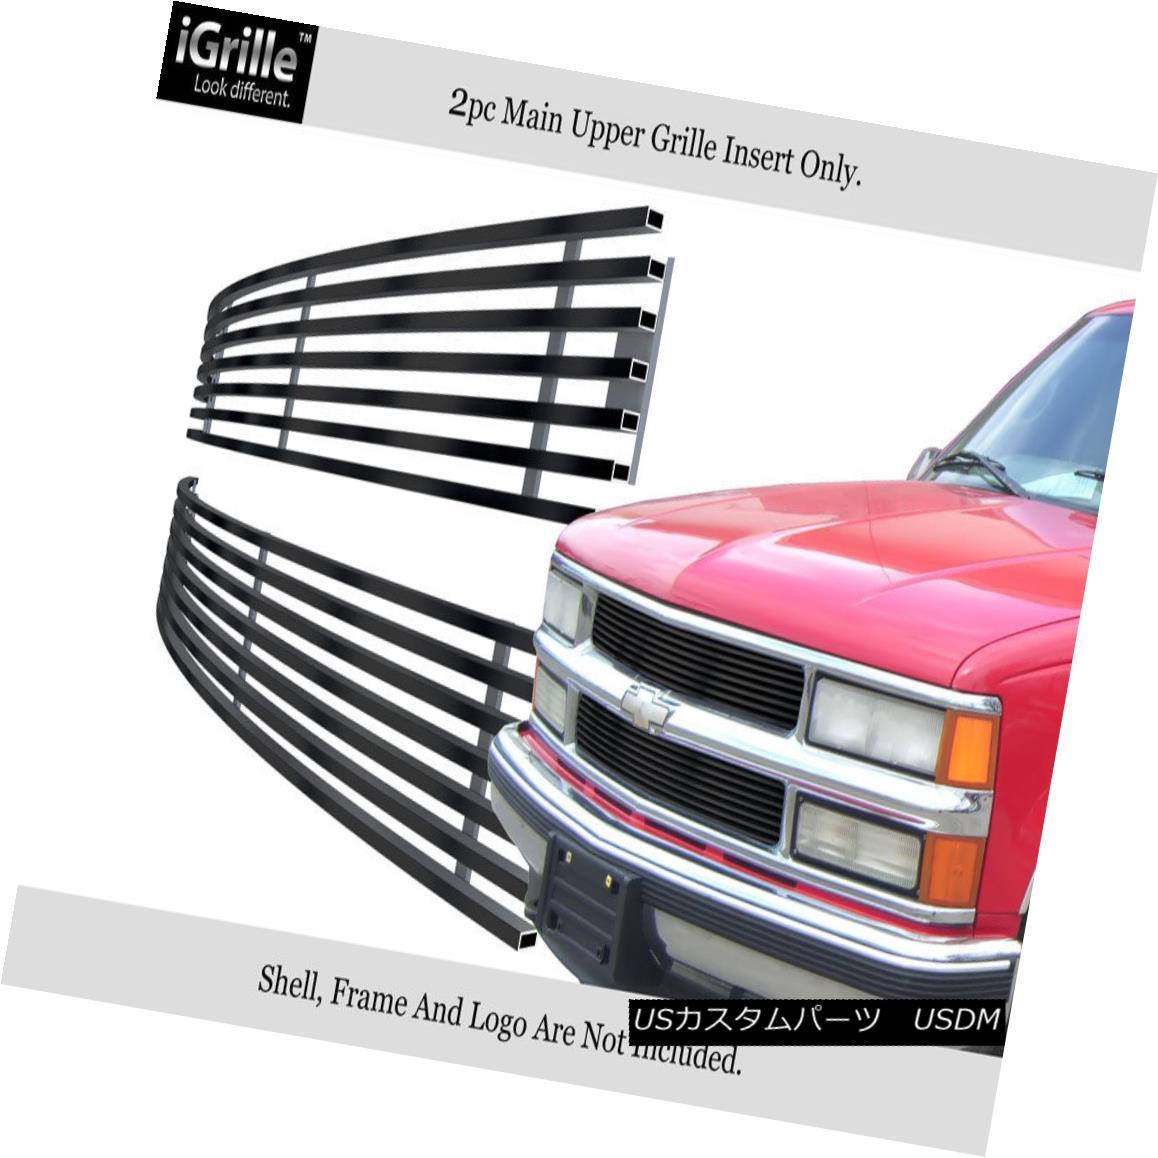 グリル 94-99 Chevy Blaze/C/K Pickup/Suburban/95-99 Tahoe Black Stainless Billet Grille 94-99シボレーブレイザー/ C / Kピックアップ/郊外 n / 95-99タホブラックステンレスビレットグリル